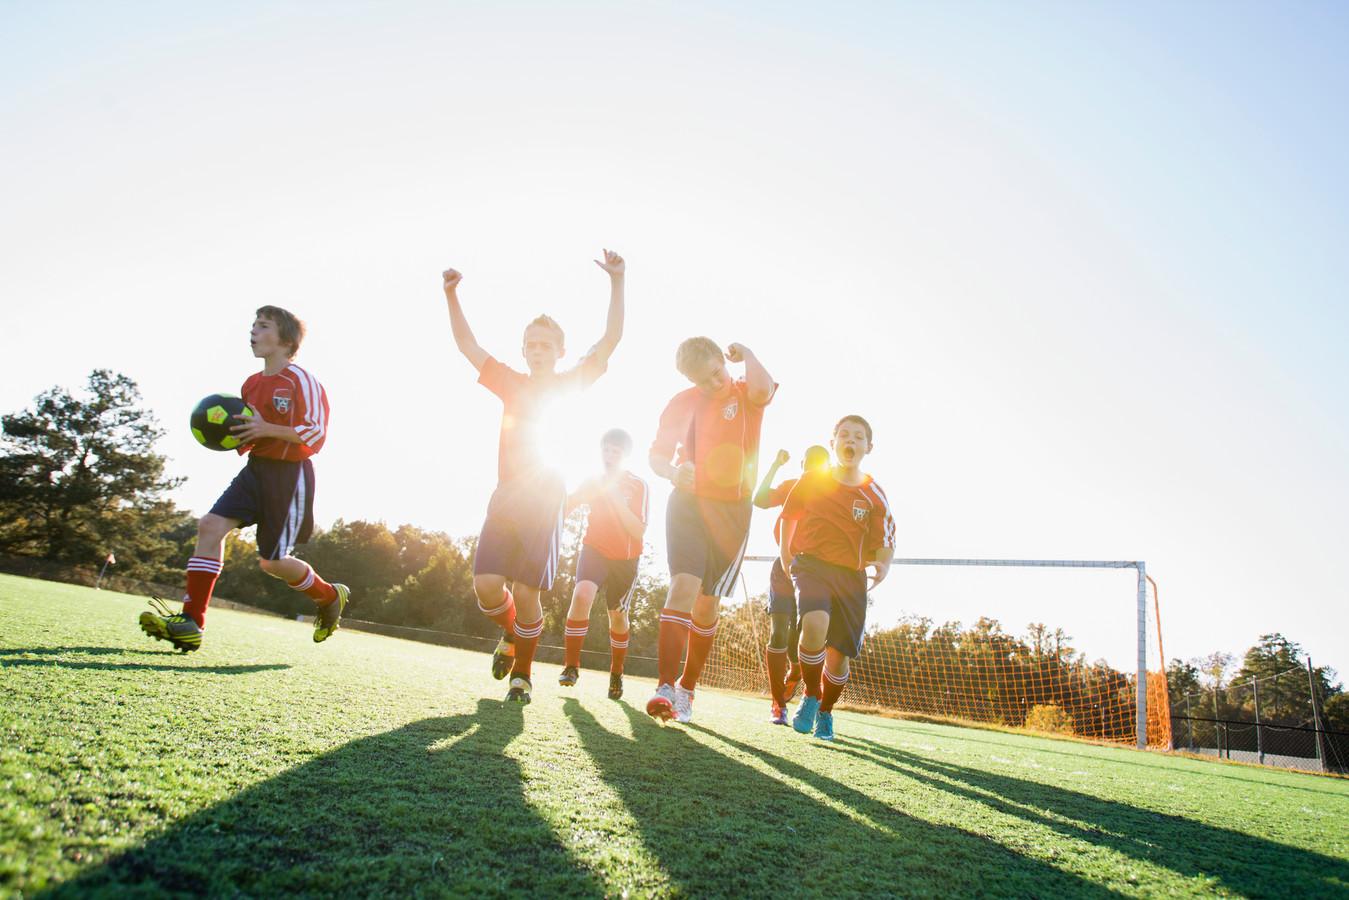 Laat de jonge kinderen in hun eigen sociale omgeving, zo vinden de clubs.